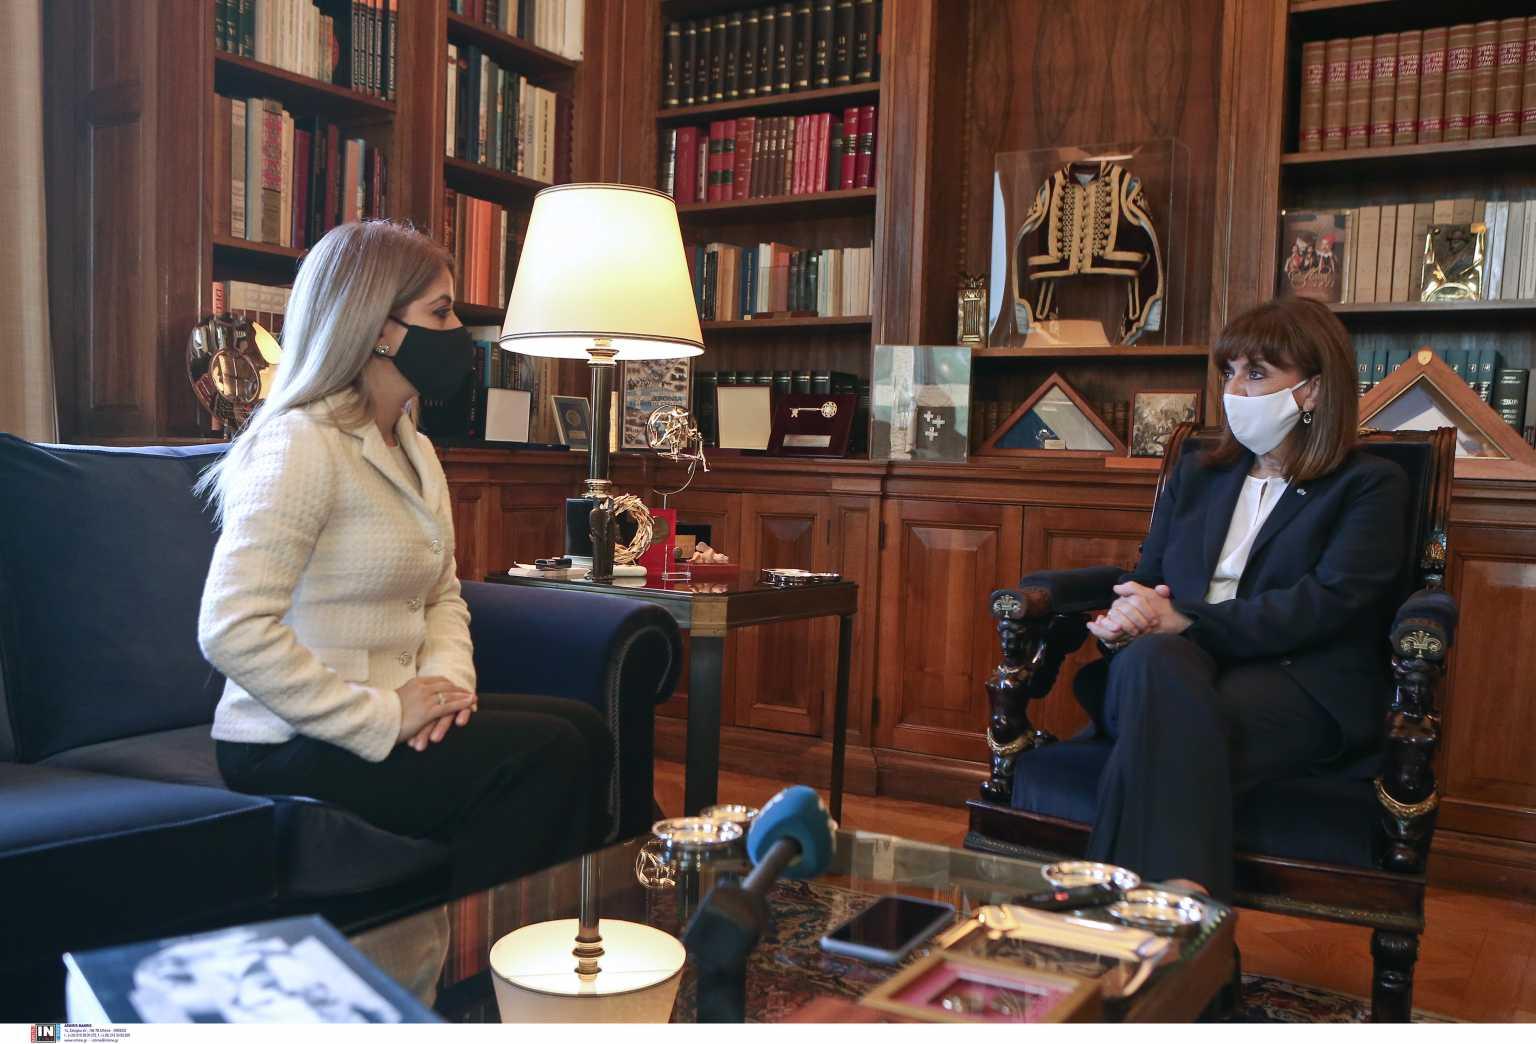 Κατερίνα Σακελλαροπούλου: Κορυφαία εθνική προτεραιότητα η επίλυση του Κυπριακού